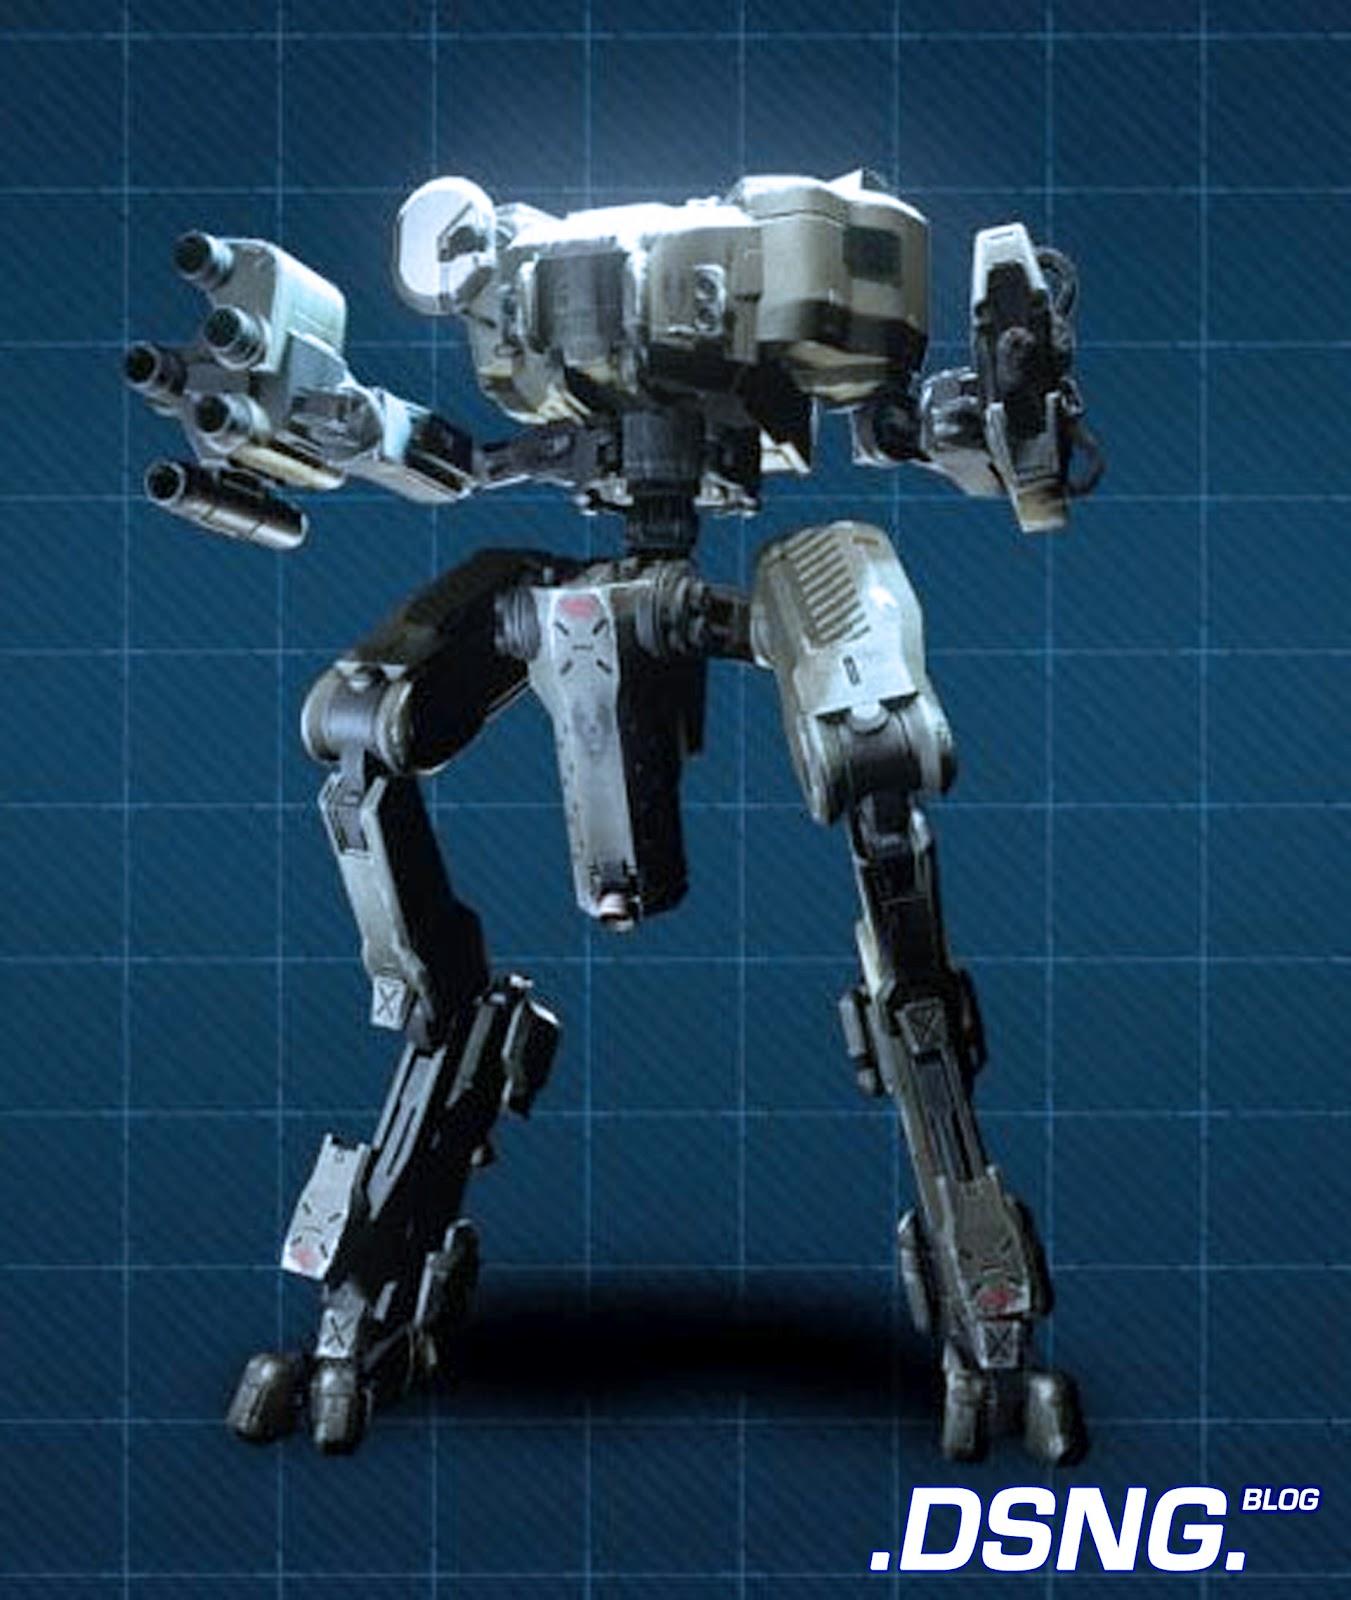 Les plus beau Clin d'oeil d'Halo 4 Halo+4+mantis+halo+wars+mech+mecha+giant+robot+walker+machine+concept+art+3d+model